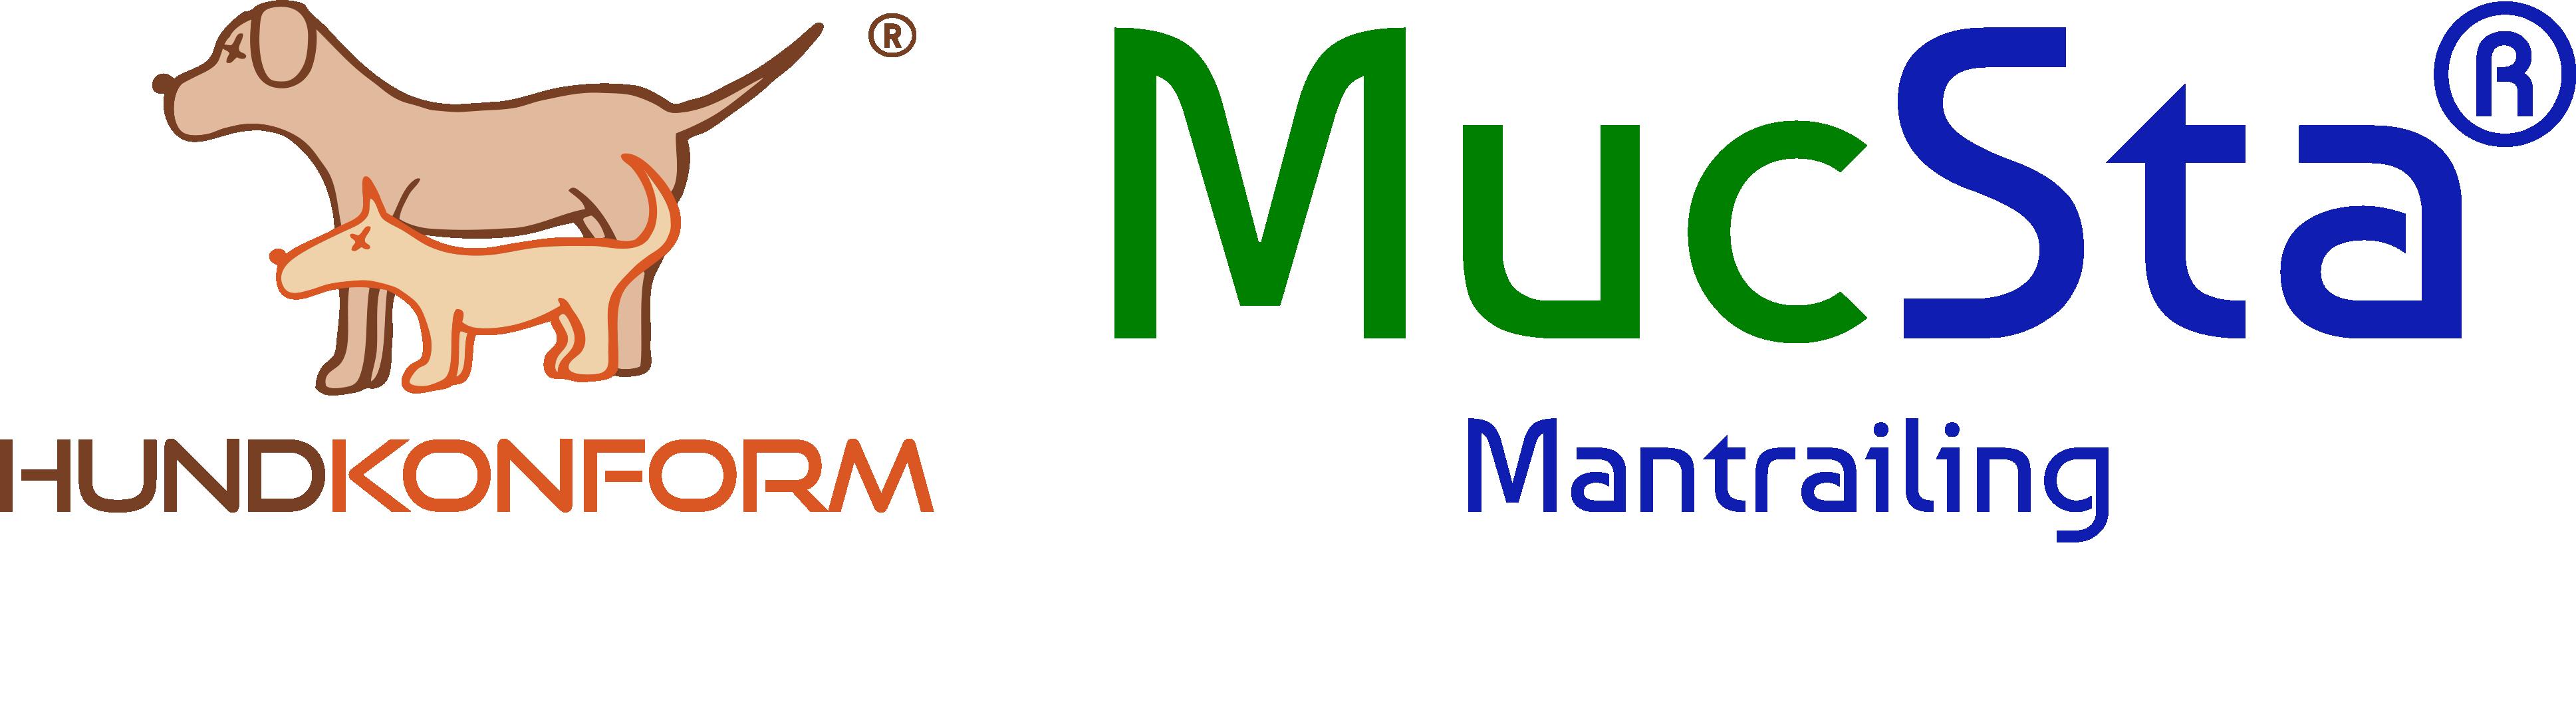 HUNDKONFORM  |  TIERISCHE MAHLZEIT  |  MUCSTA-MANTRAILING